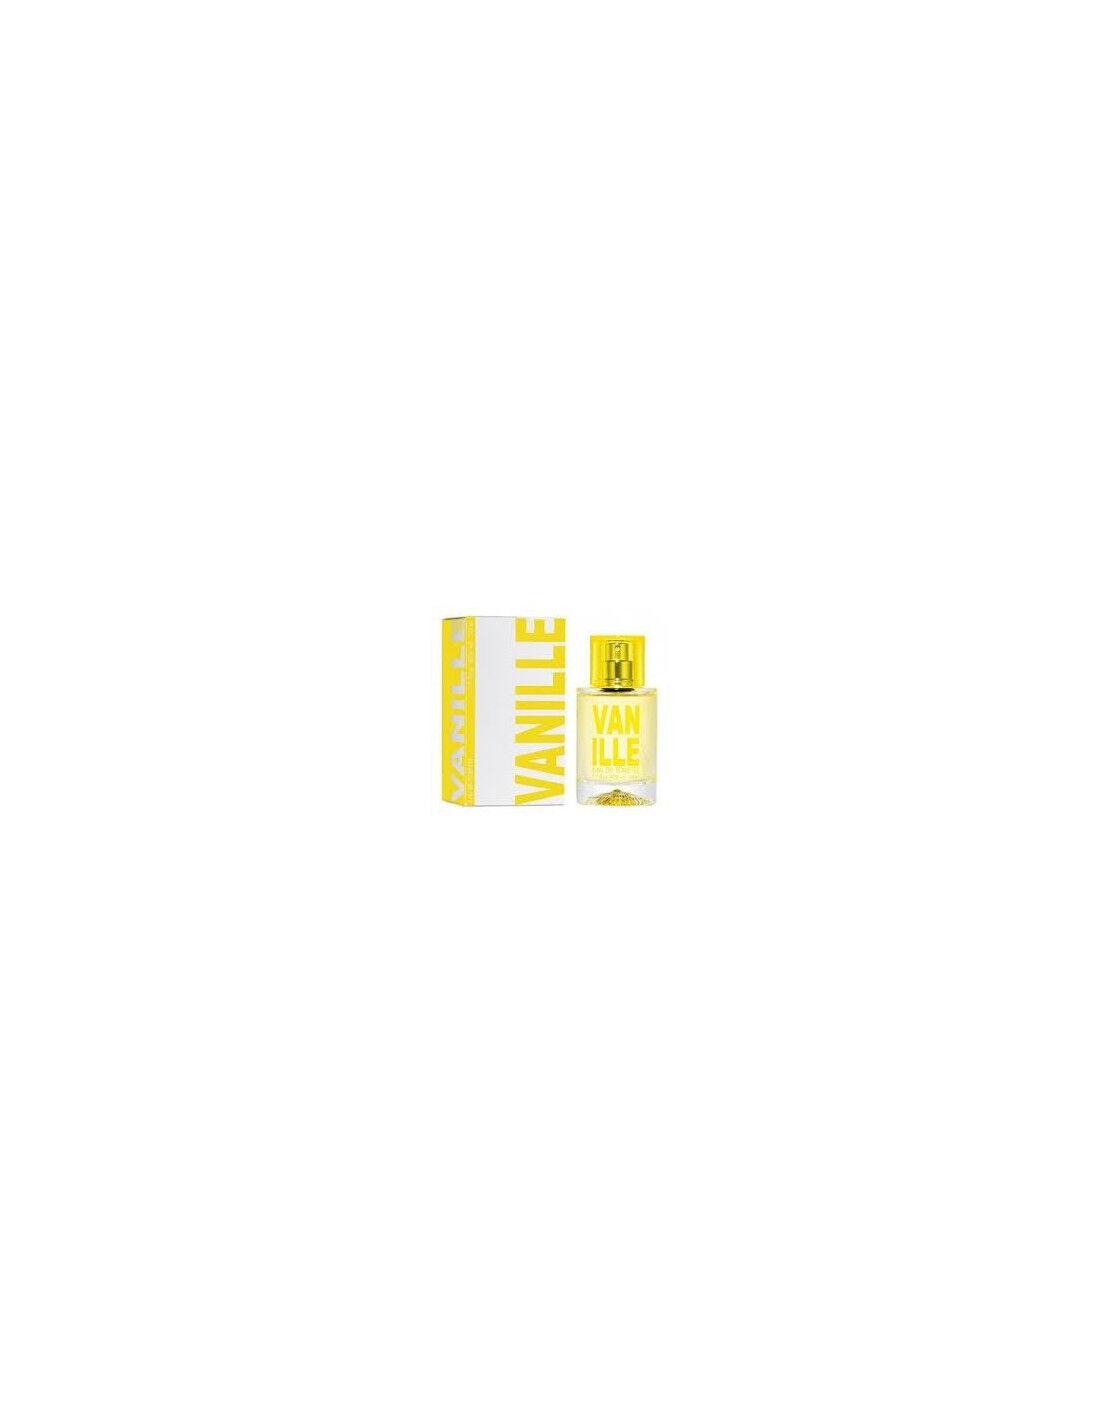 Procter & Gamble Solinote VANILLE Eau de PARFUM 50ml